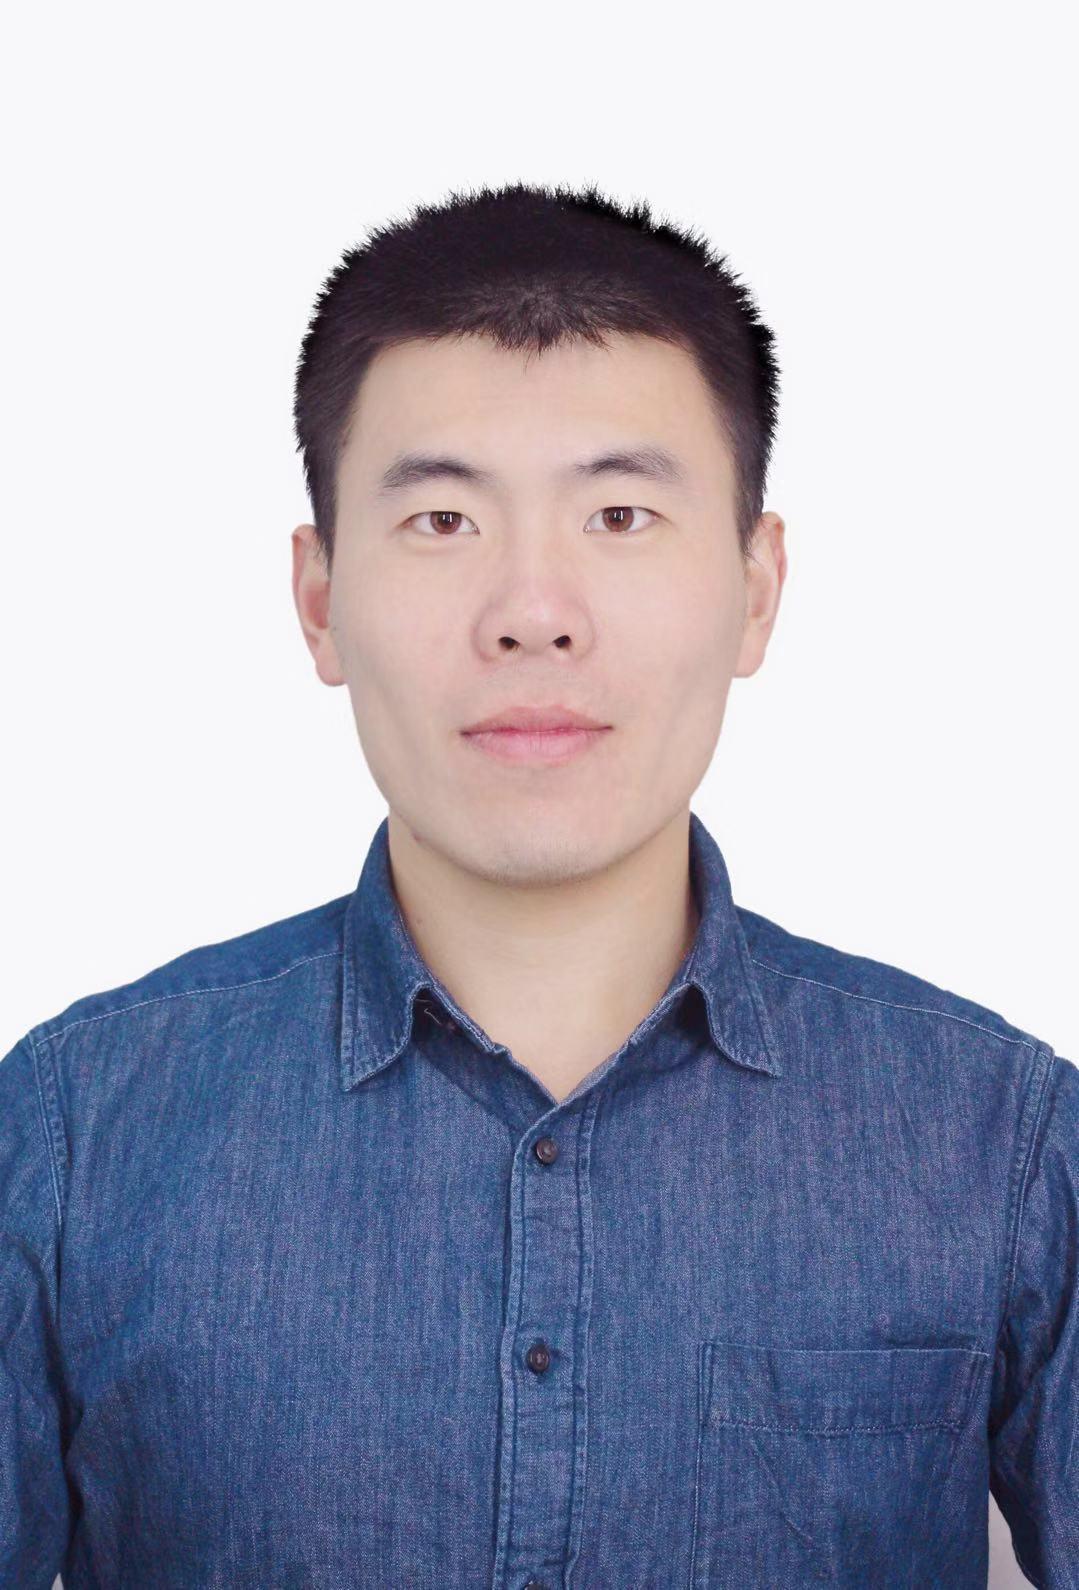 Xunhui Zhang(张迅晖)